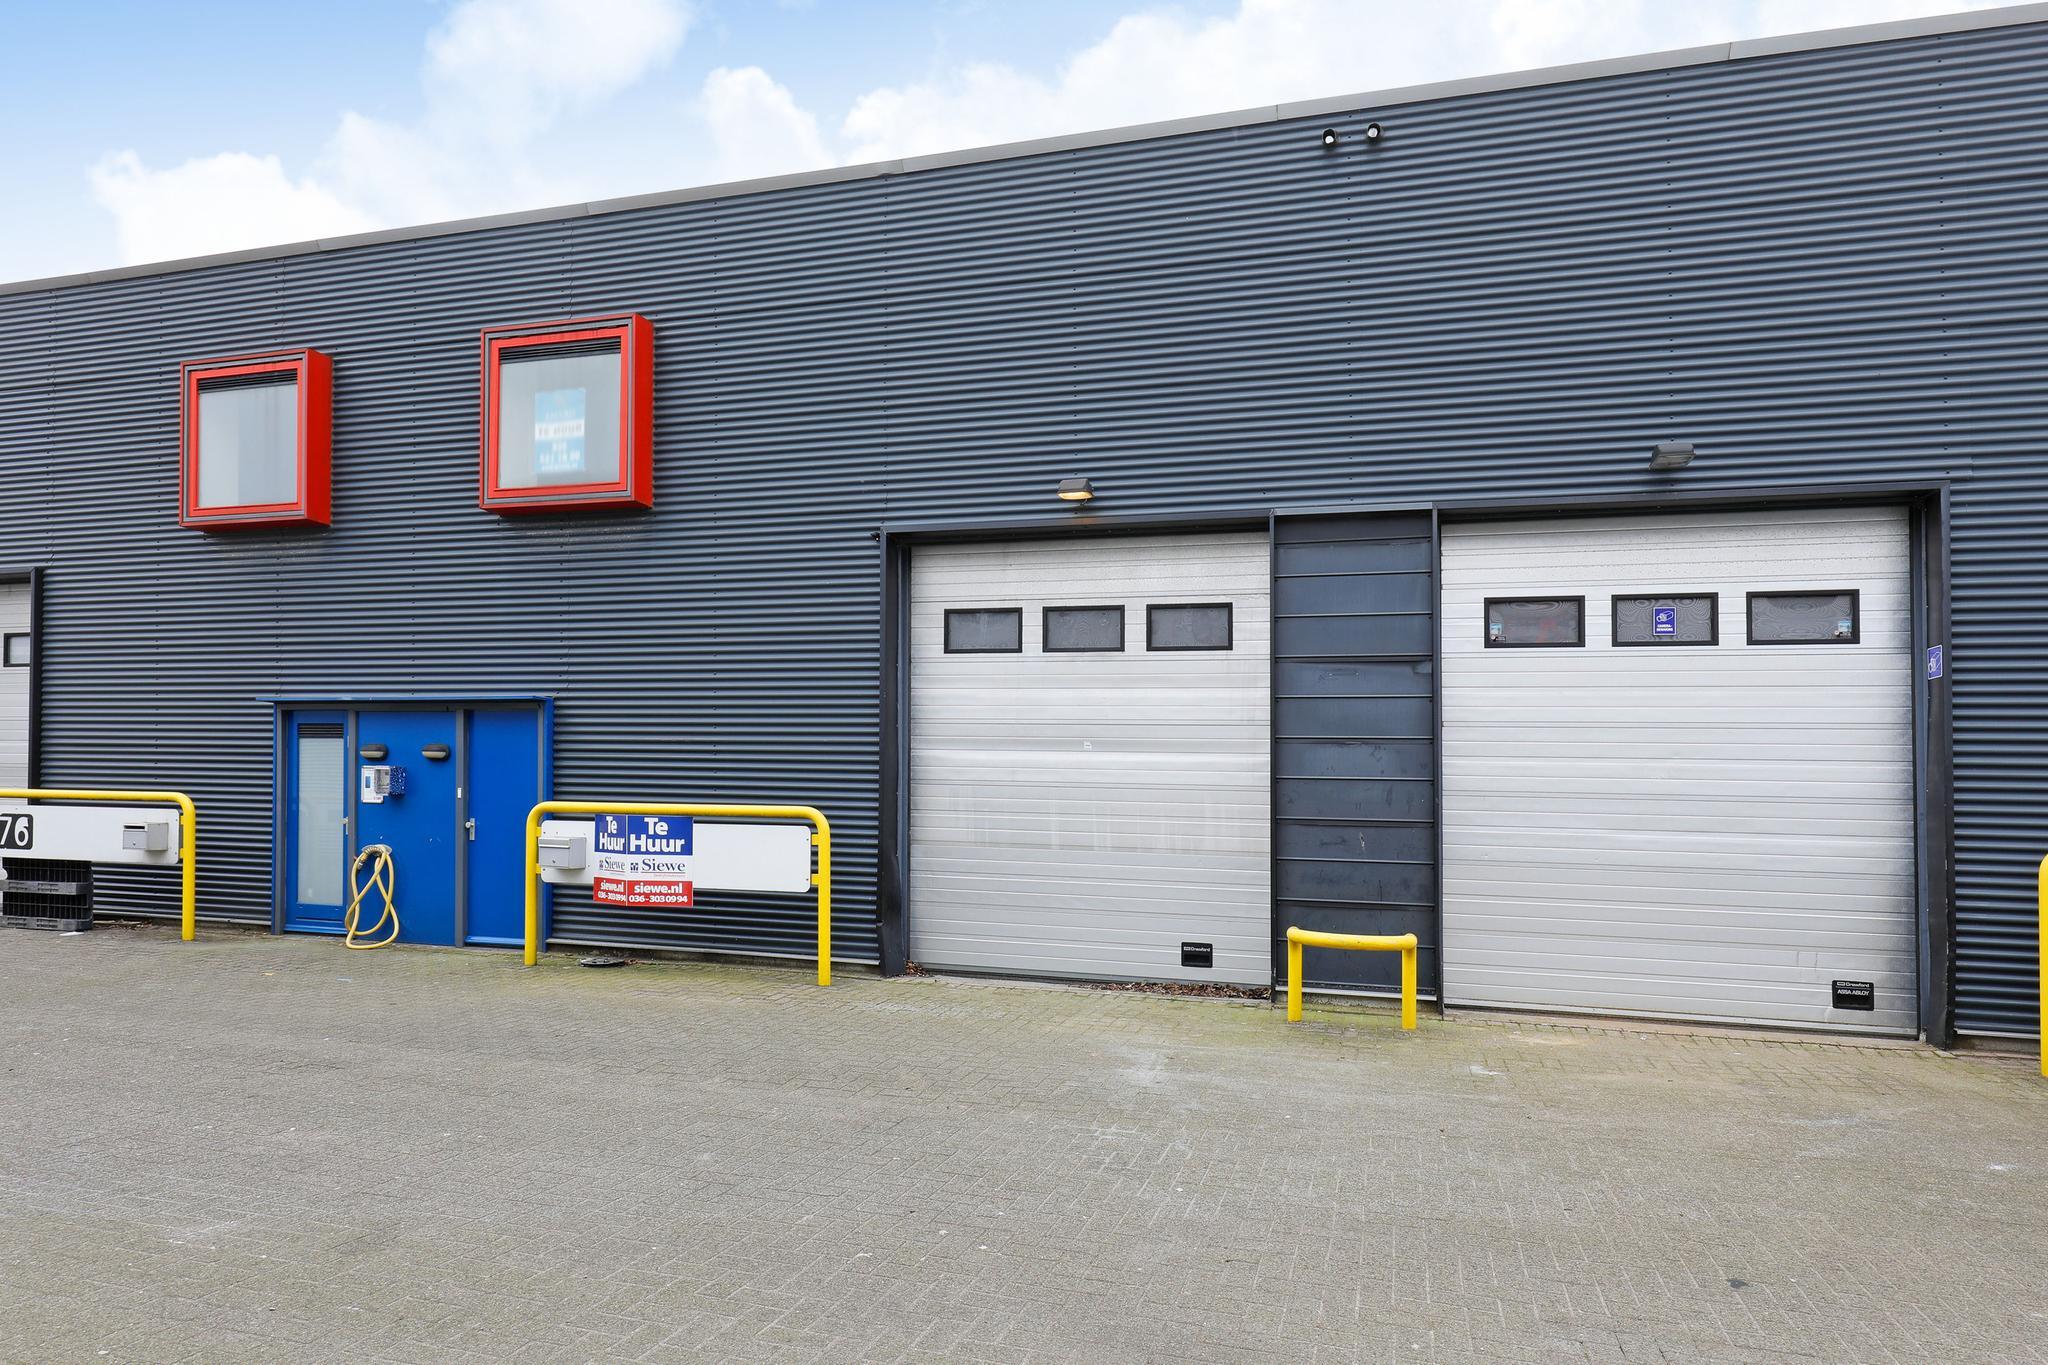 Garage Huren Almere : Markerkant 10 78 * in almere 1316 aj: bedrijfsruimte. siewe makelaars